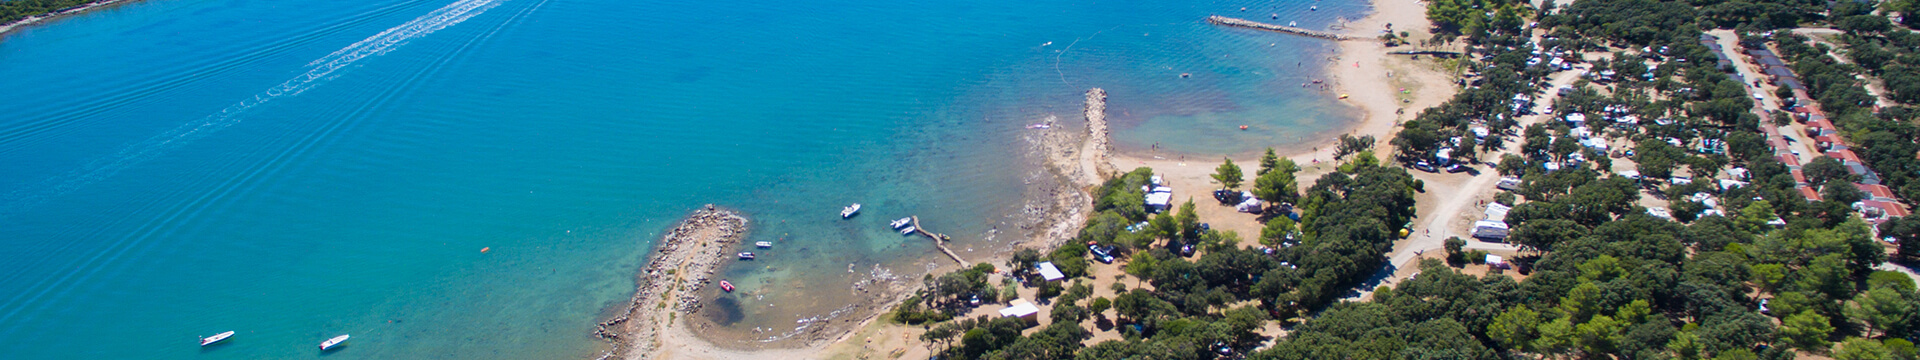 Nove tematske mobilne kućice uz more, renovirani sanitarni čvor i dodatne aktivnosti od 2020. u kampu Lopari!